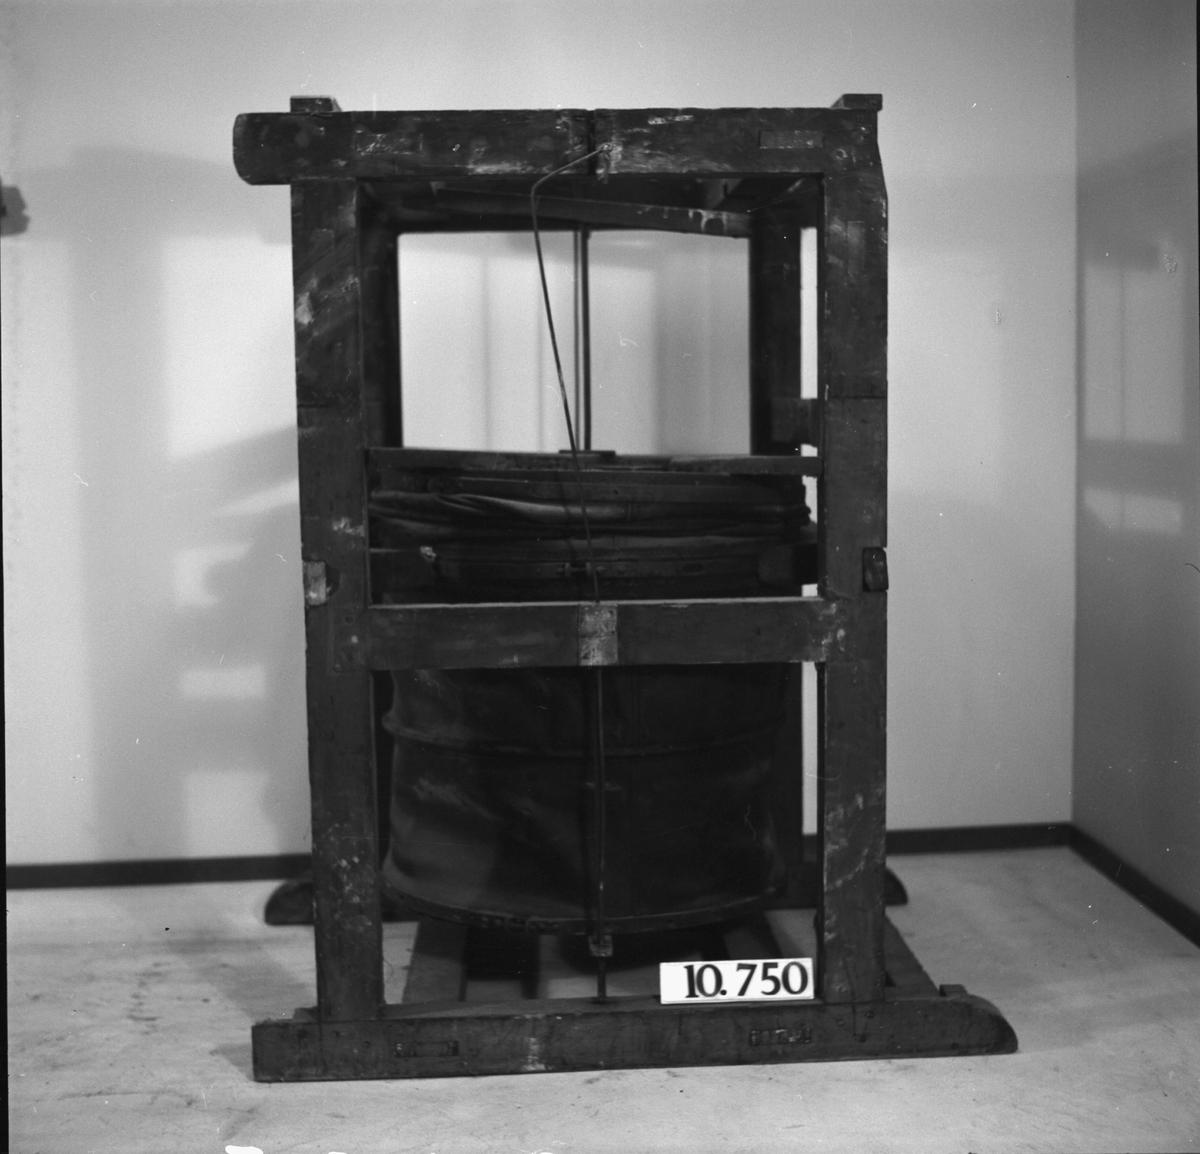 Läderbälg i ram av trä, för laboratoriesmältningar. Lösa delar: bälgstång (med diverse hävstänger ?) samt ett stag.